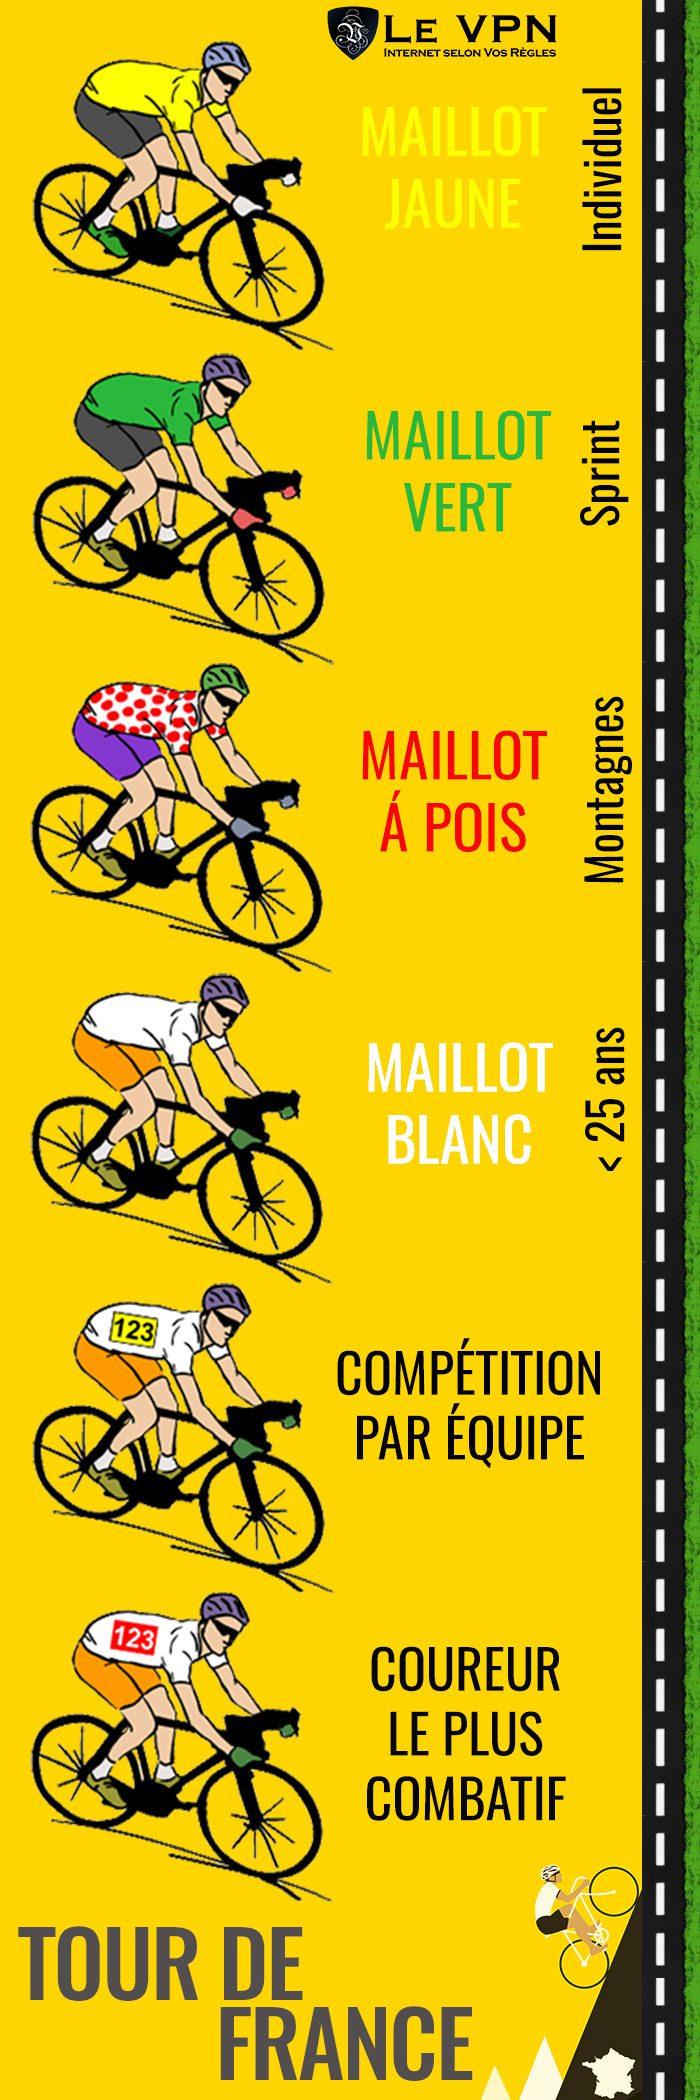 Les 6 sous-courses du Tour de France | Comment puis-je regarder le Tour de France depuis l'étranger | Le VPN